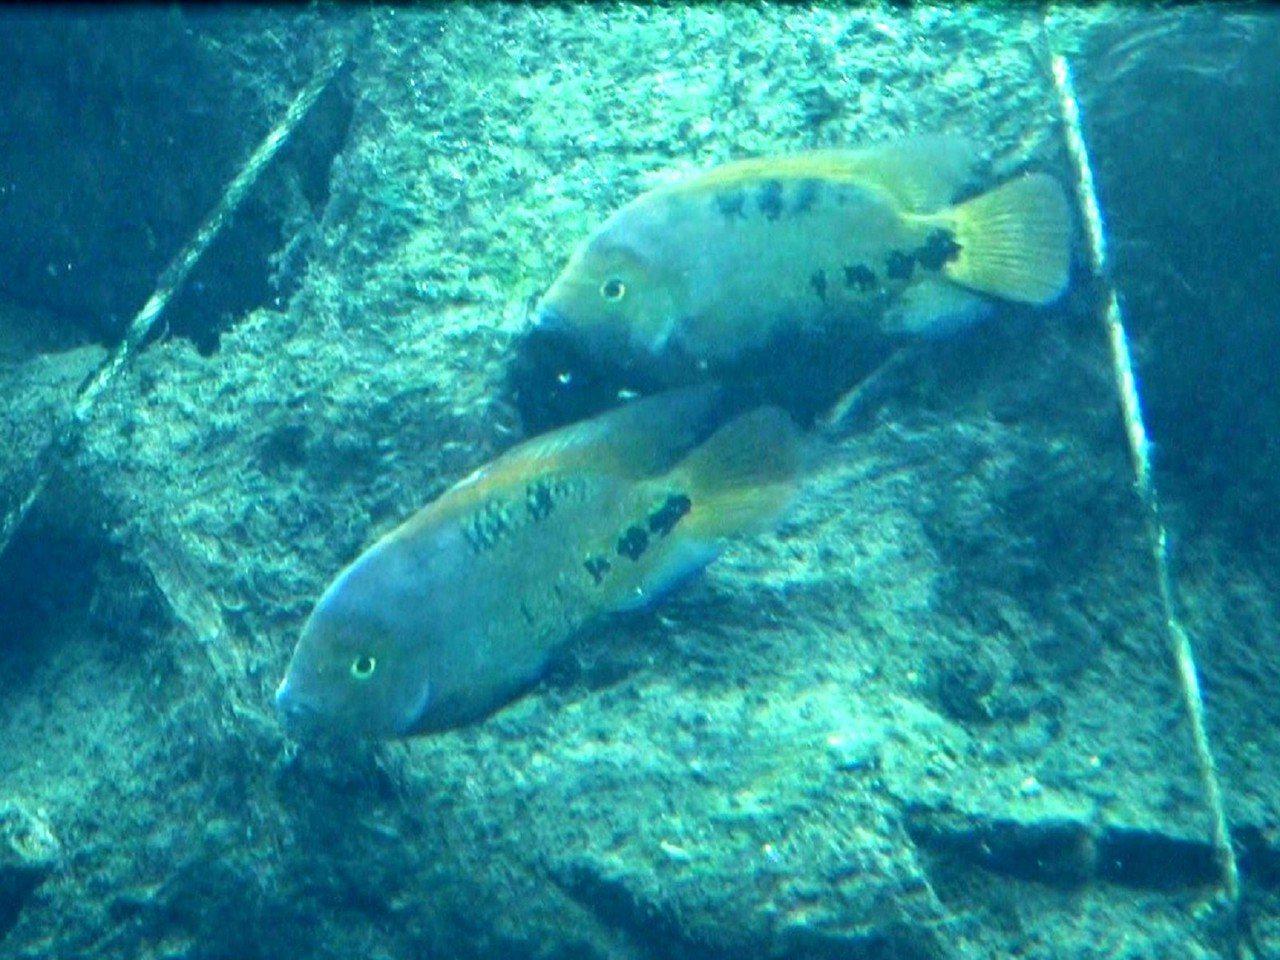 不妨在熱帶雨林的穿山甲館多觀察留意,看看生態魚缸中,有沒有半透明的小魚苗。圖 /...